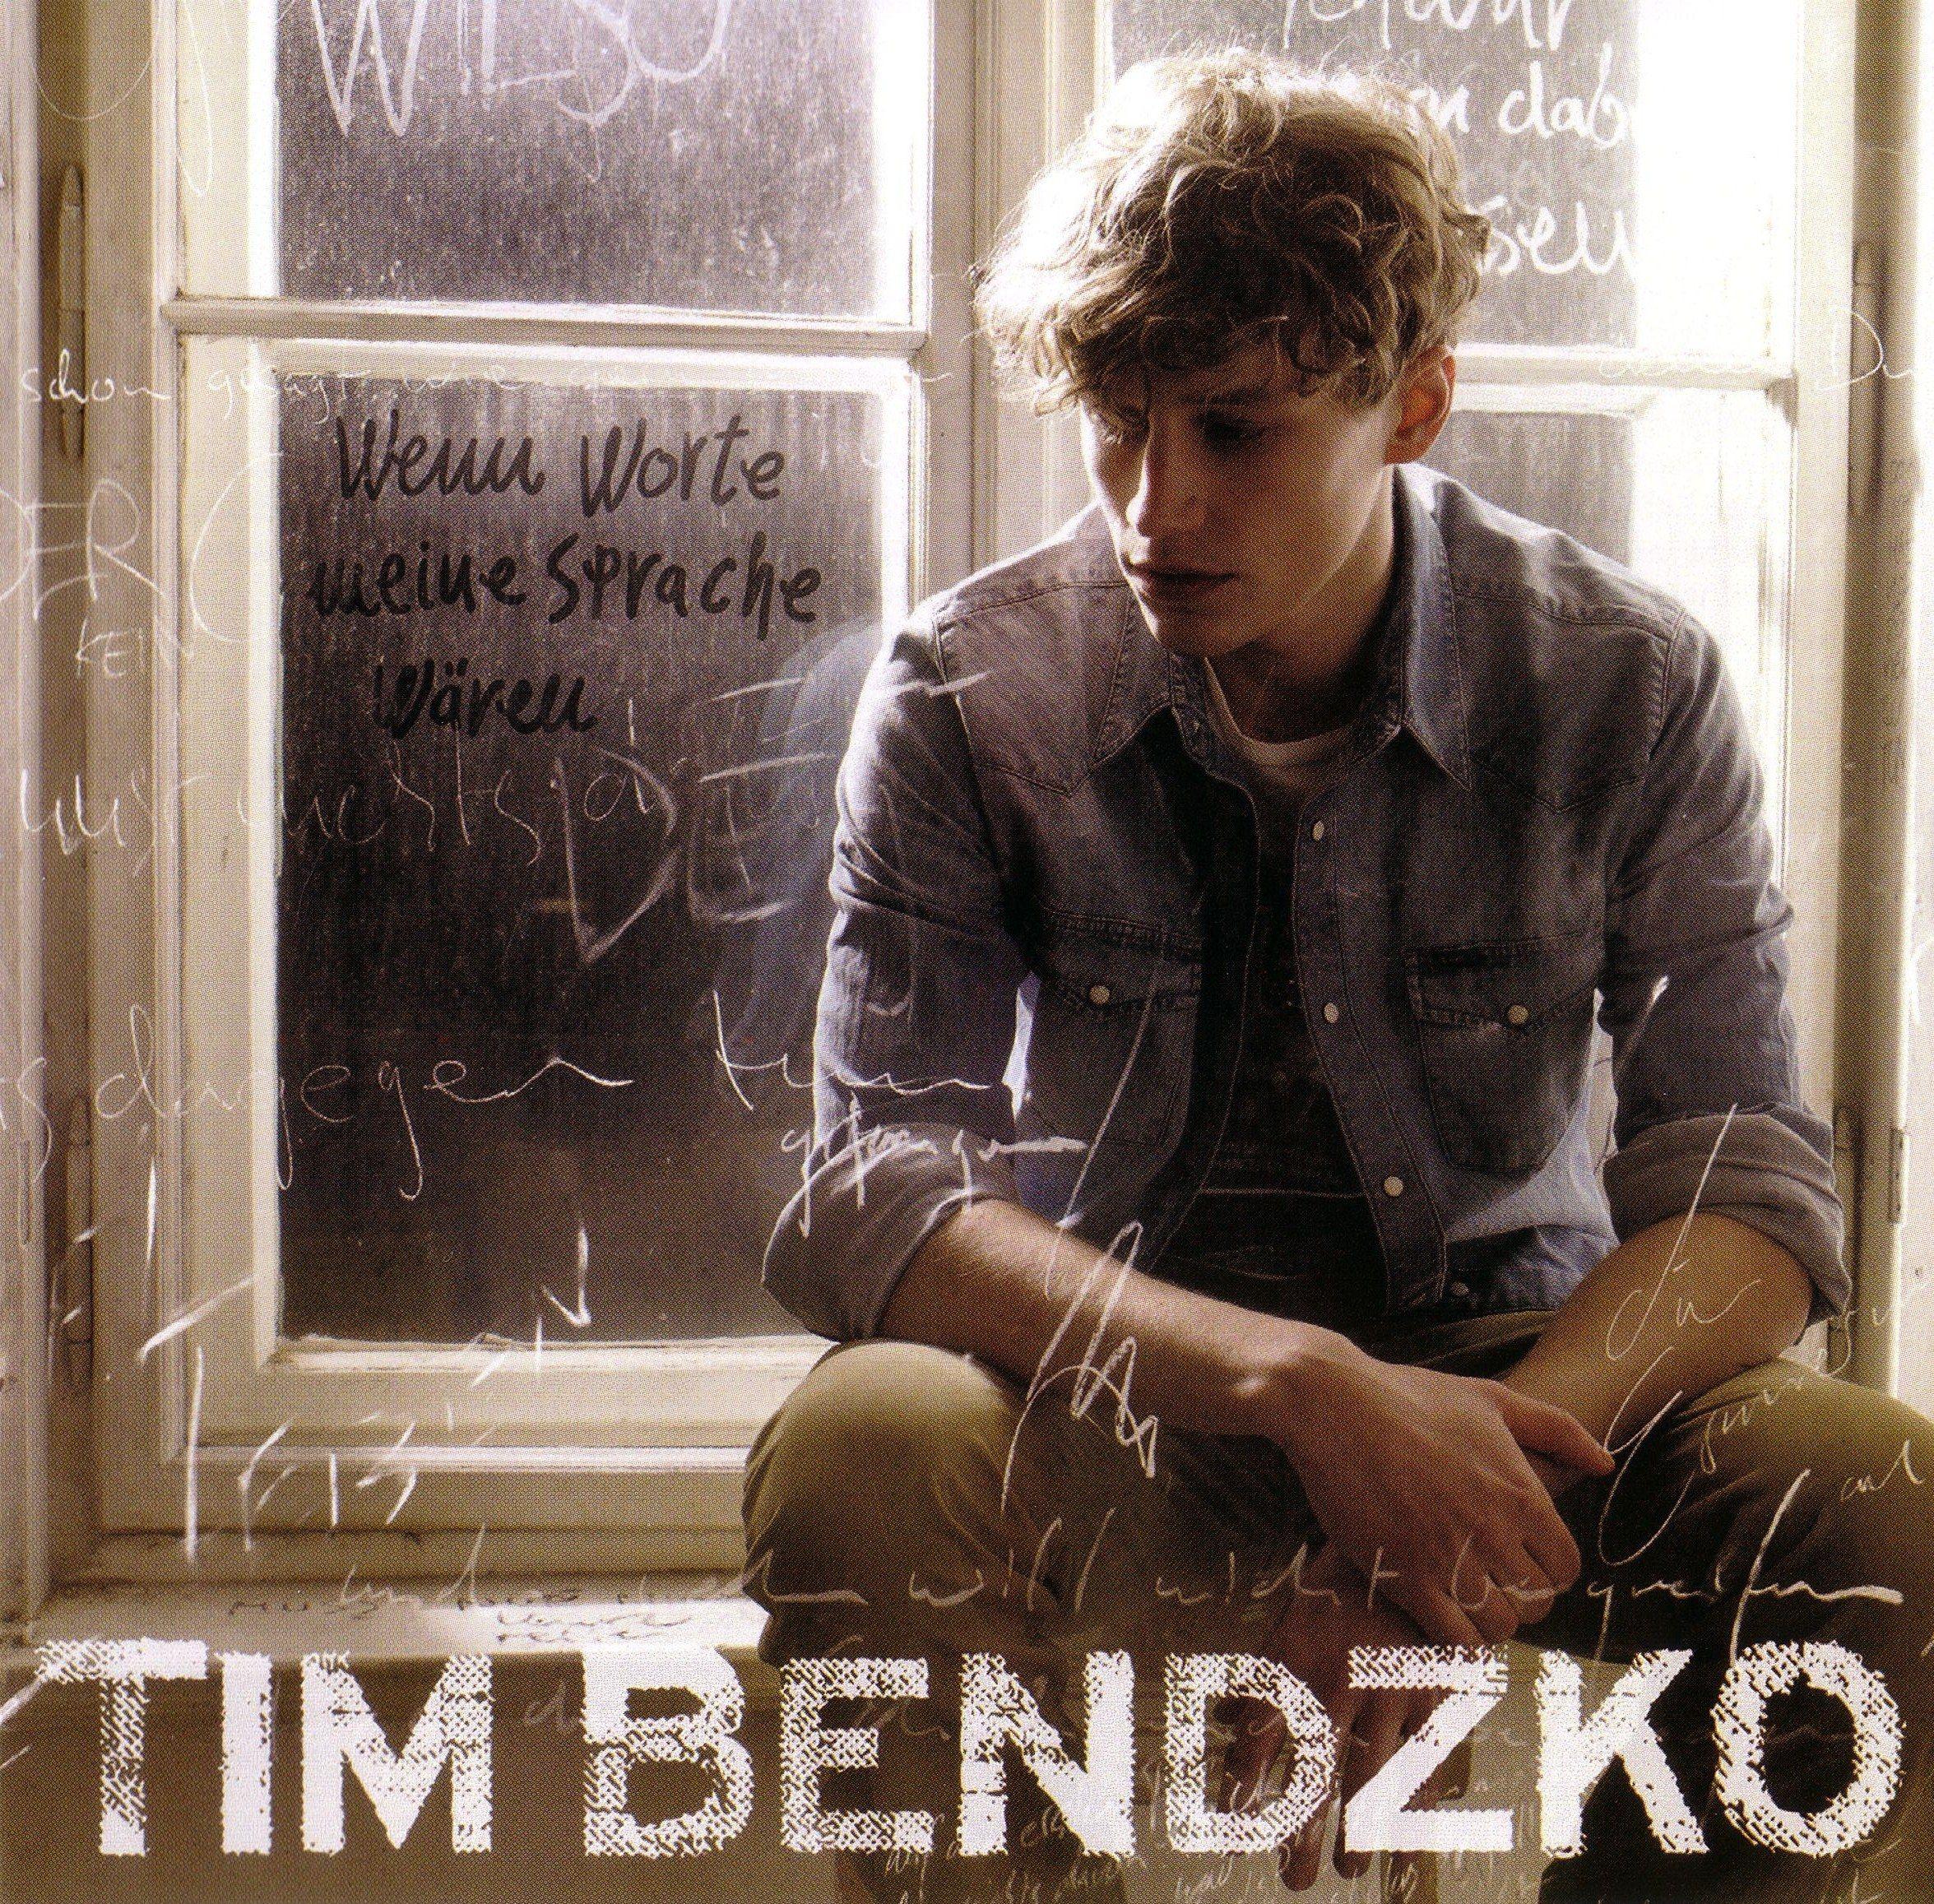 Tim Bendzko - Wenn Worte Meine Sprache Wären album cover